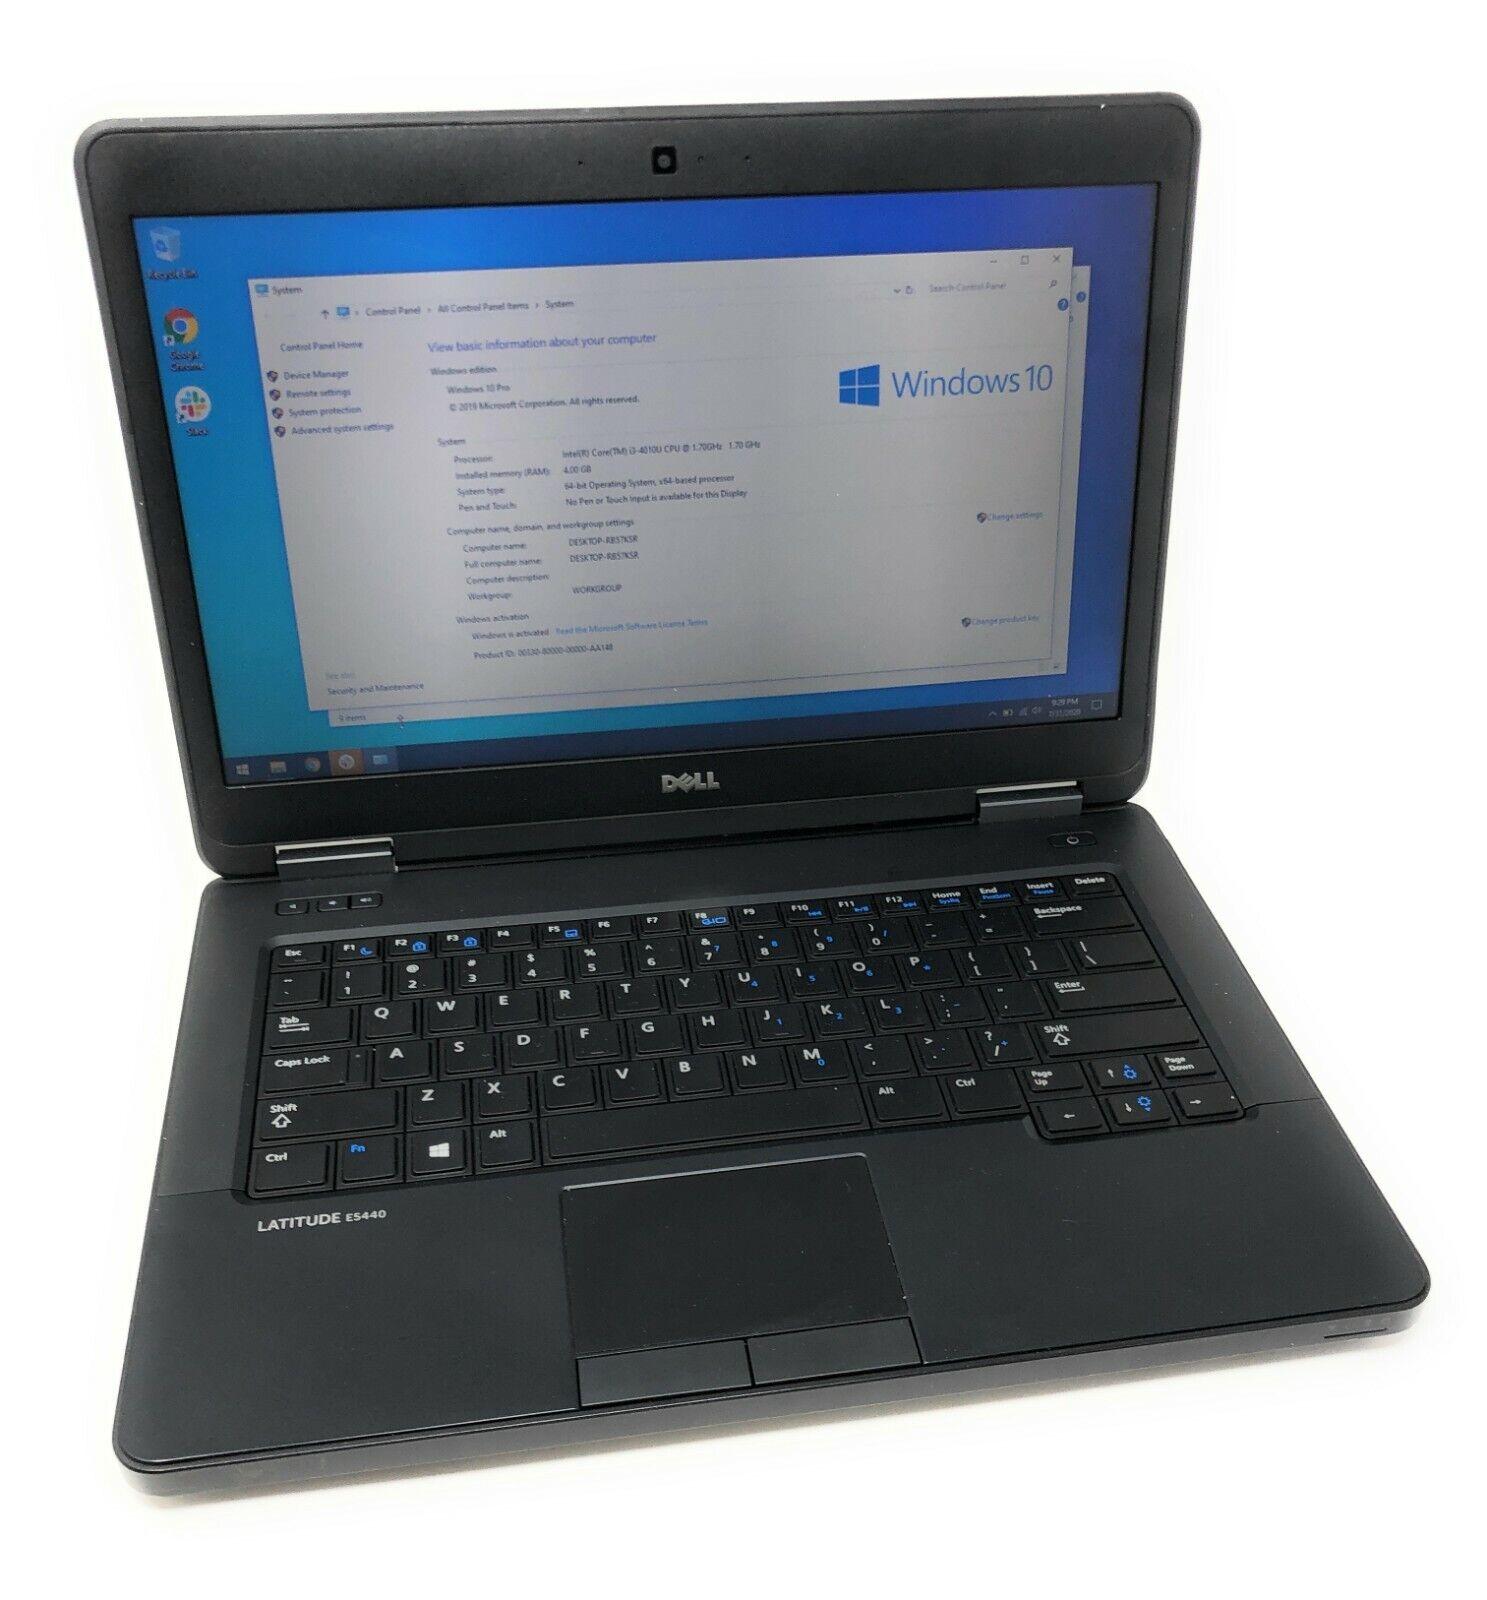 Laptop Windows - Dell Laptop Latitude E5440 Core i3 4th Gen 320GB WIFI Windows 10 Pro HDMI Webcam